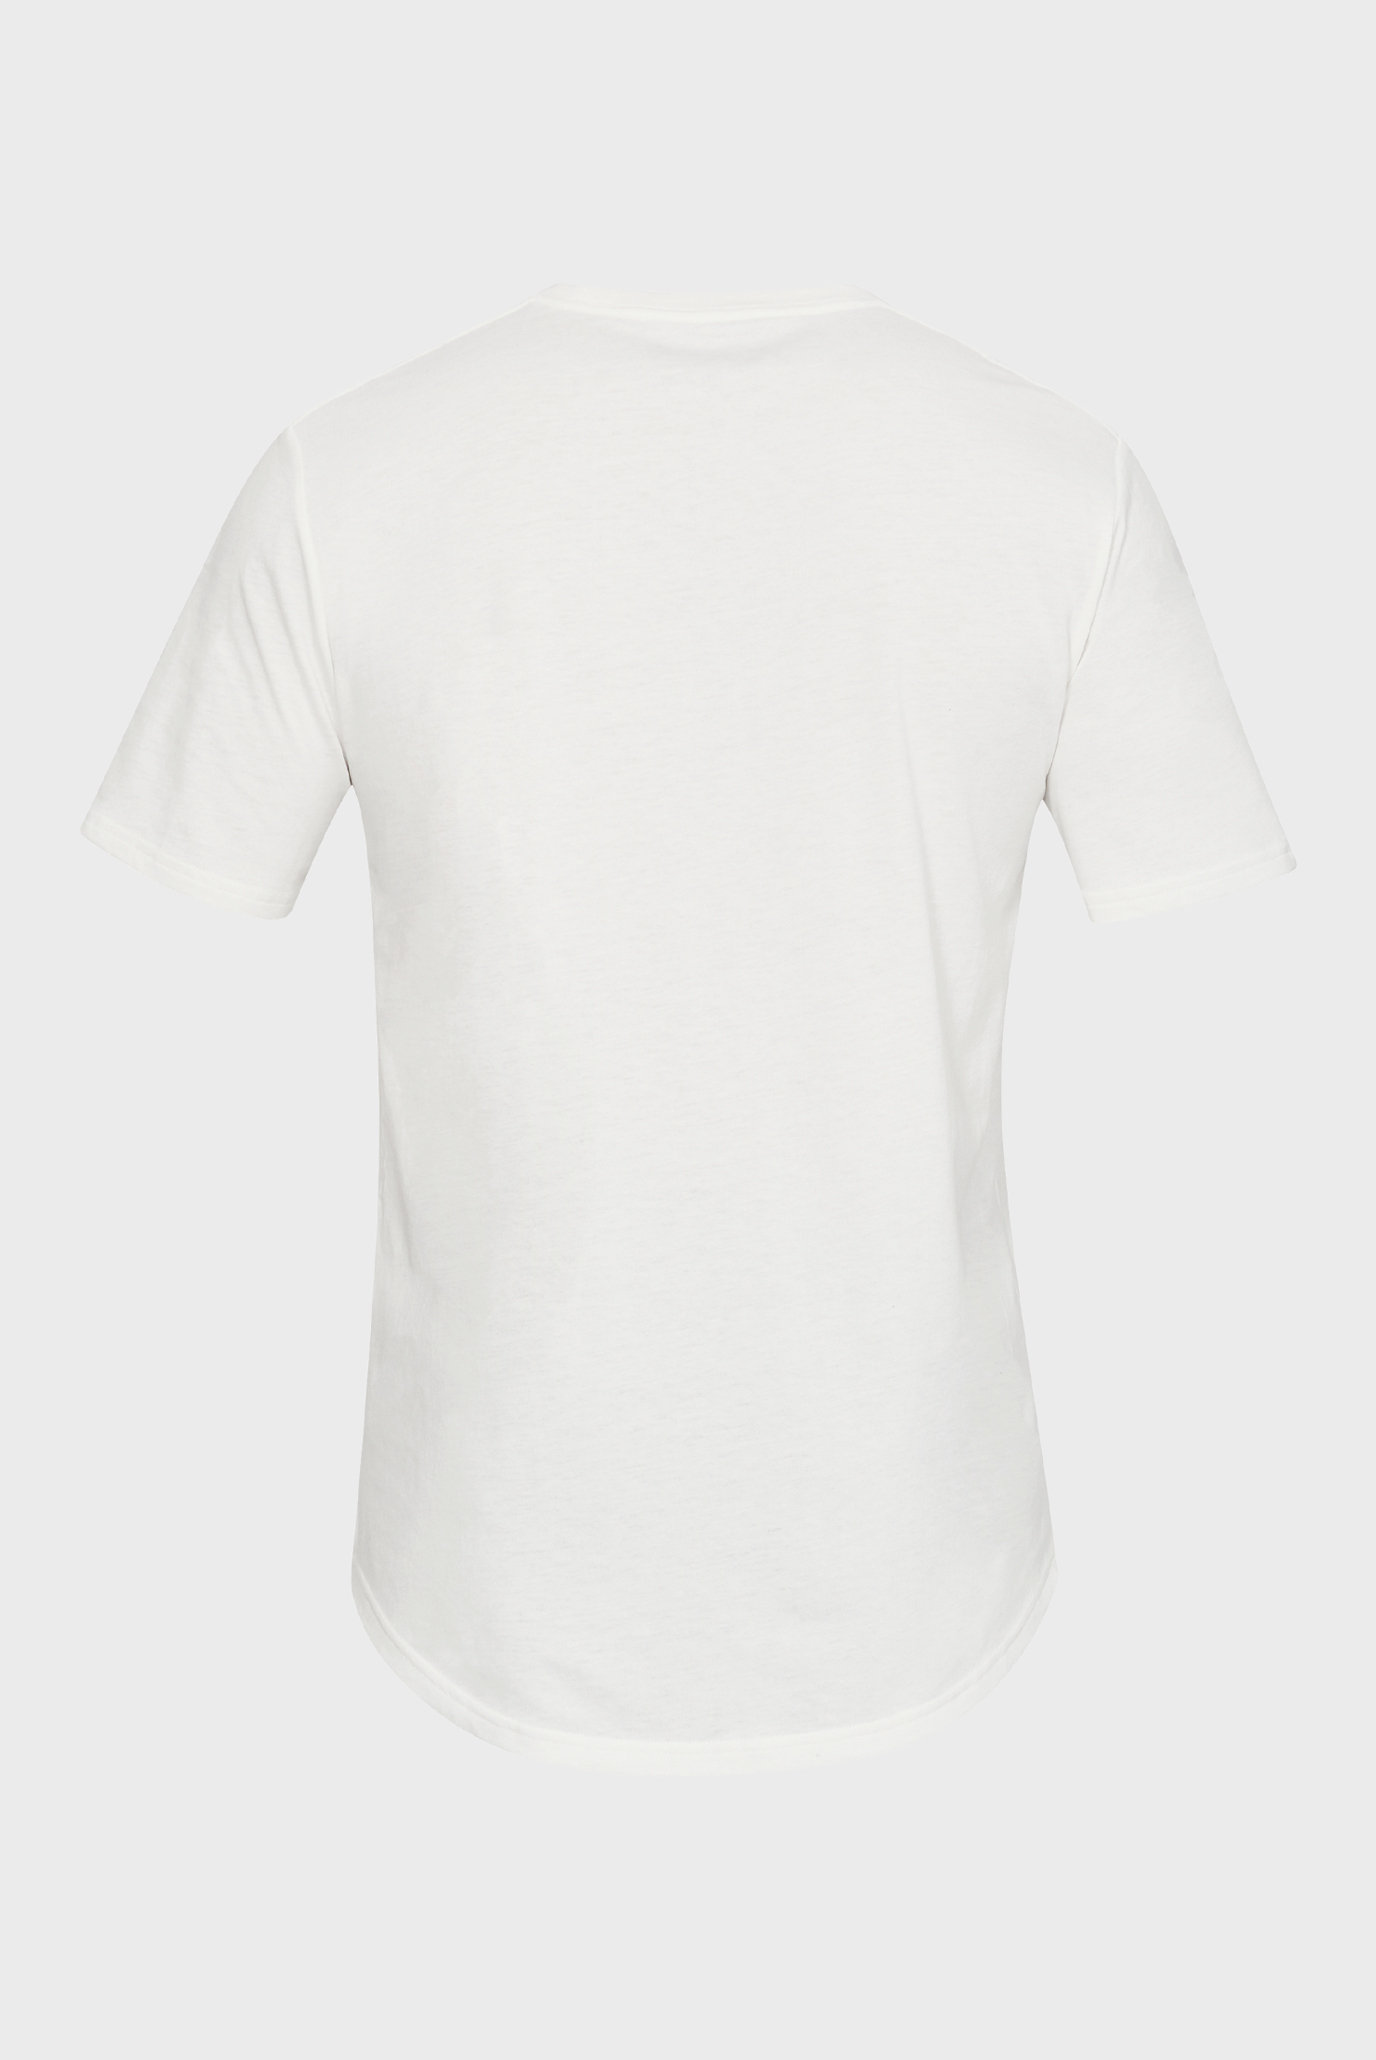 Купить Мужская белая футболка UA Pursuit Wordmark Core Tee Under Armour Under Armour 1331797-112 – Киев, Украина. Цены в интернет магазине MD Fashion